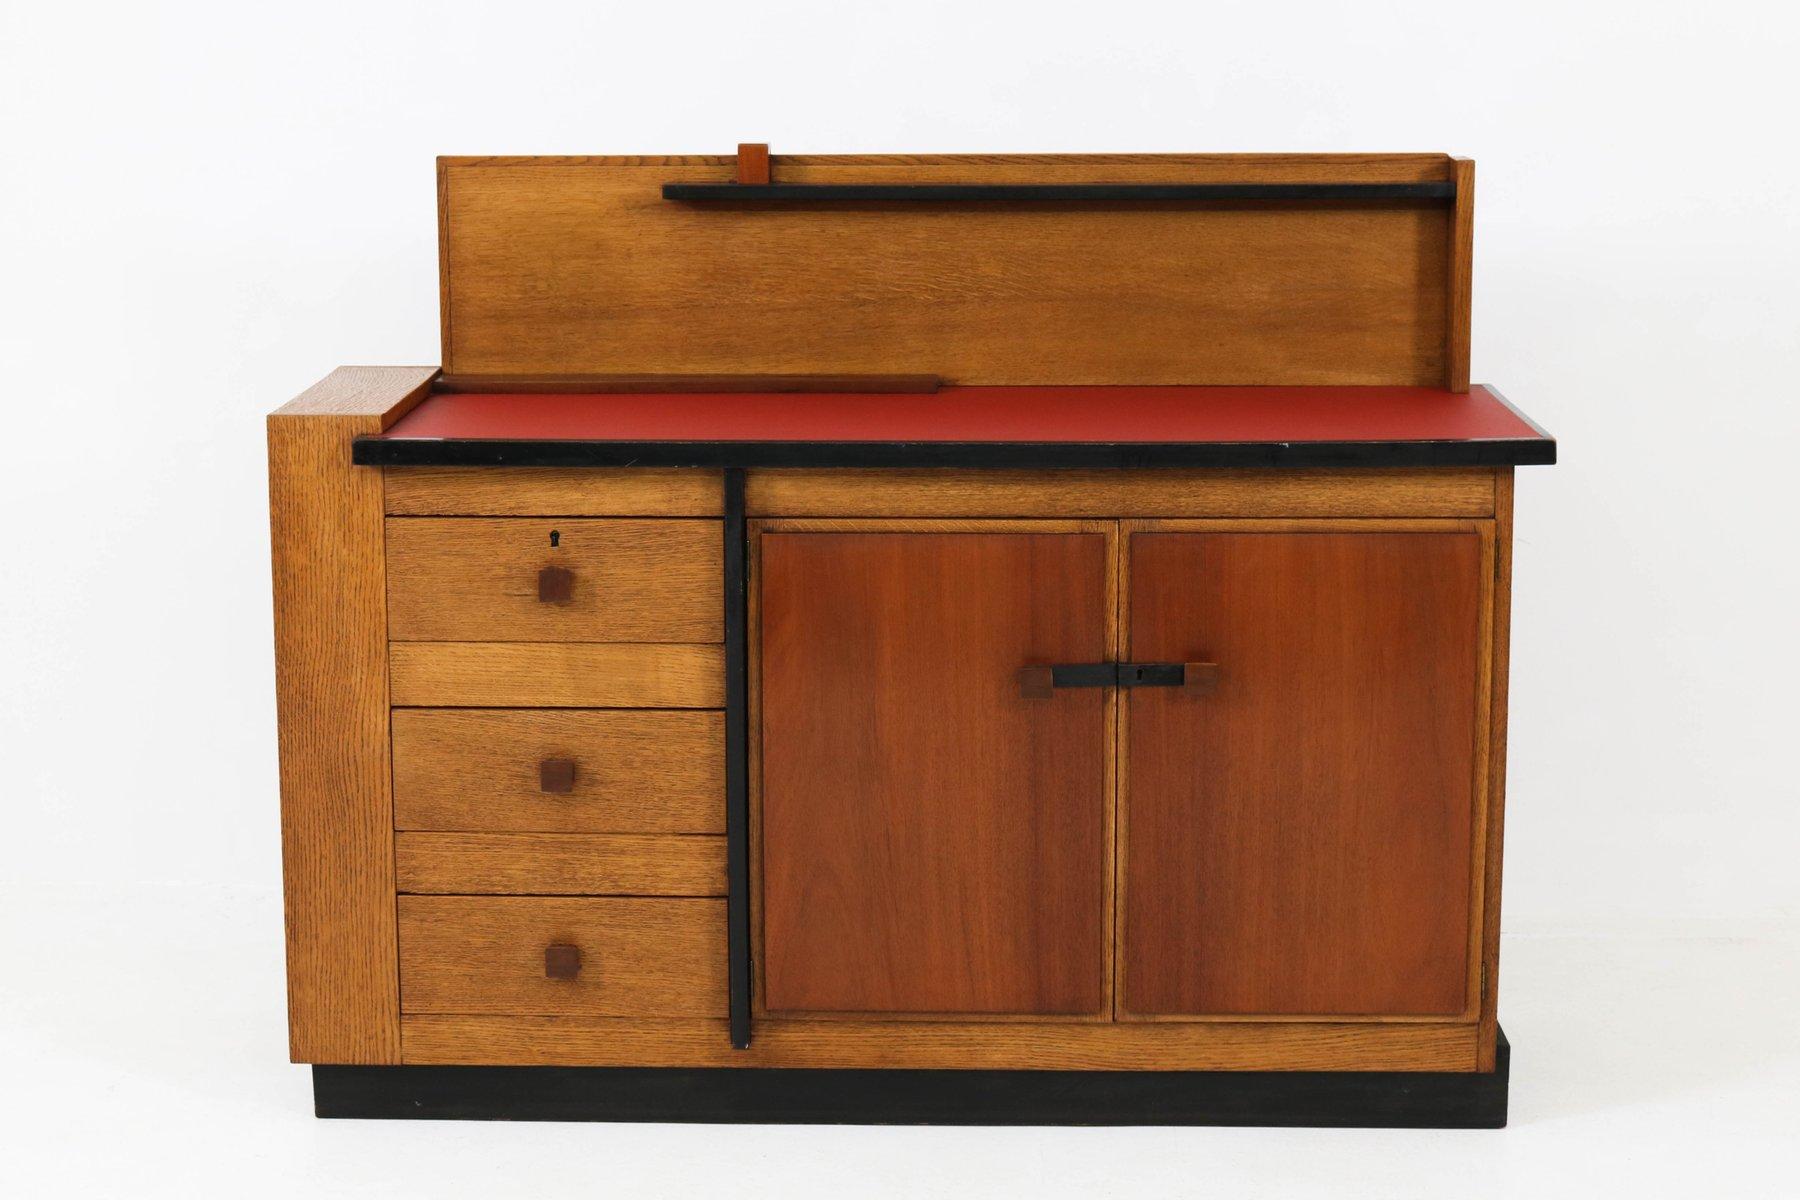 Vintage Eichenholz Sideboard von Jan Brunott, 1920er